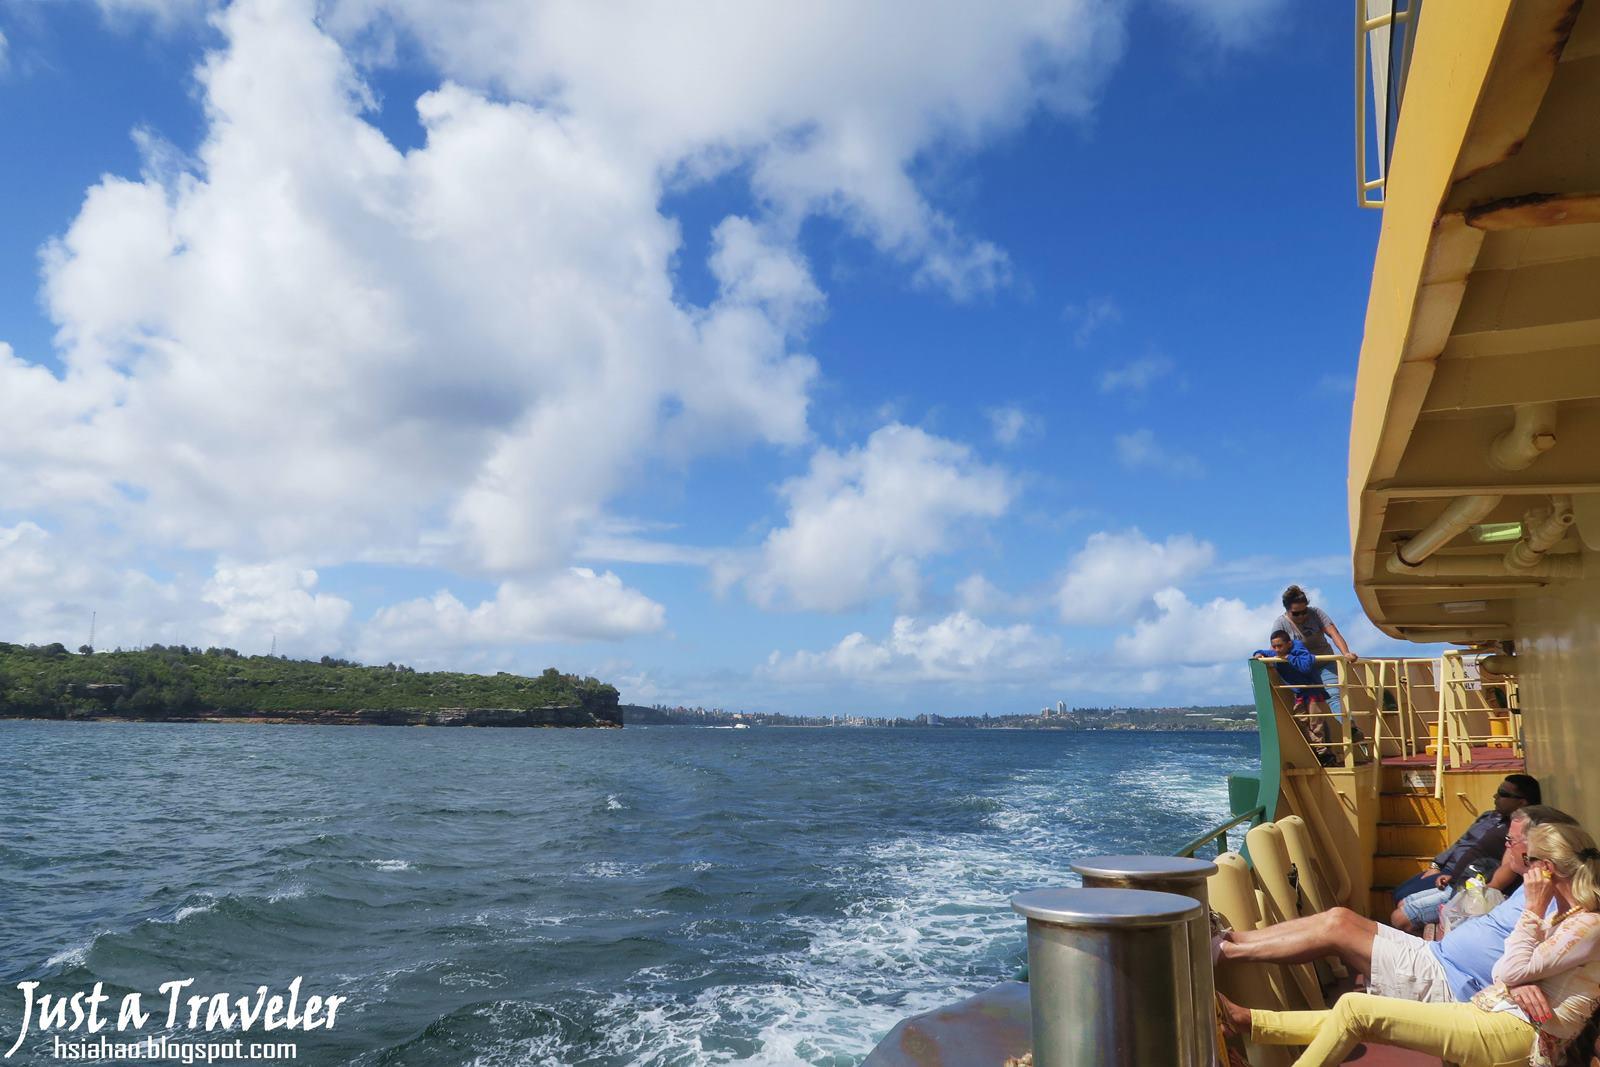 雪梨-悉尼-景點-推薦-曼利-海灘-自由行-行程-旅遊-澳洲-Sydney-Manly-Beach-Tourist-Attraction-Travel-Australia